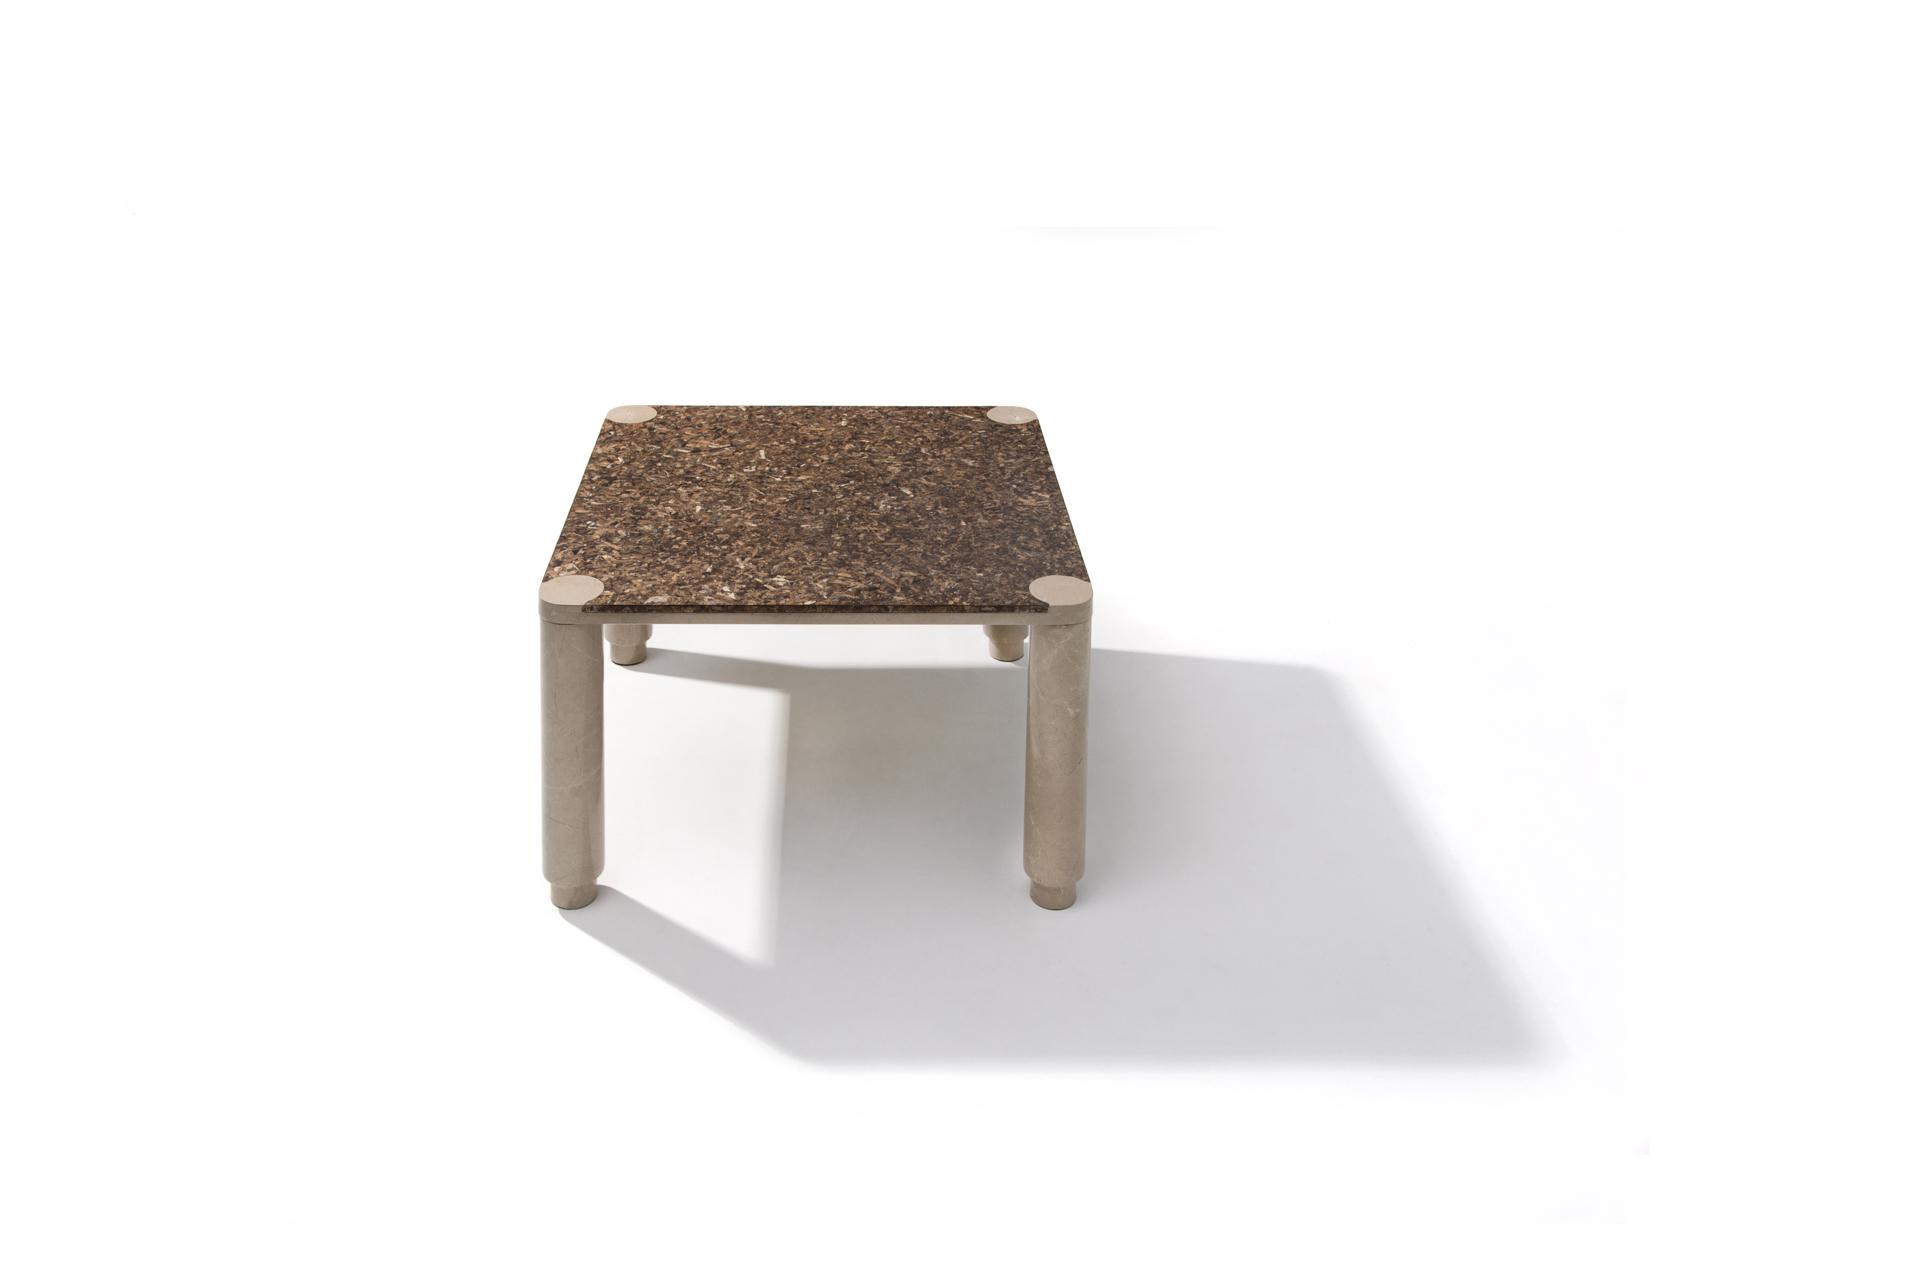 Oceanus square coffee table